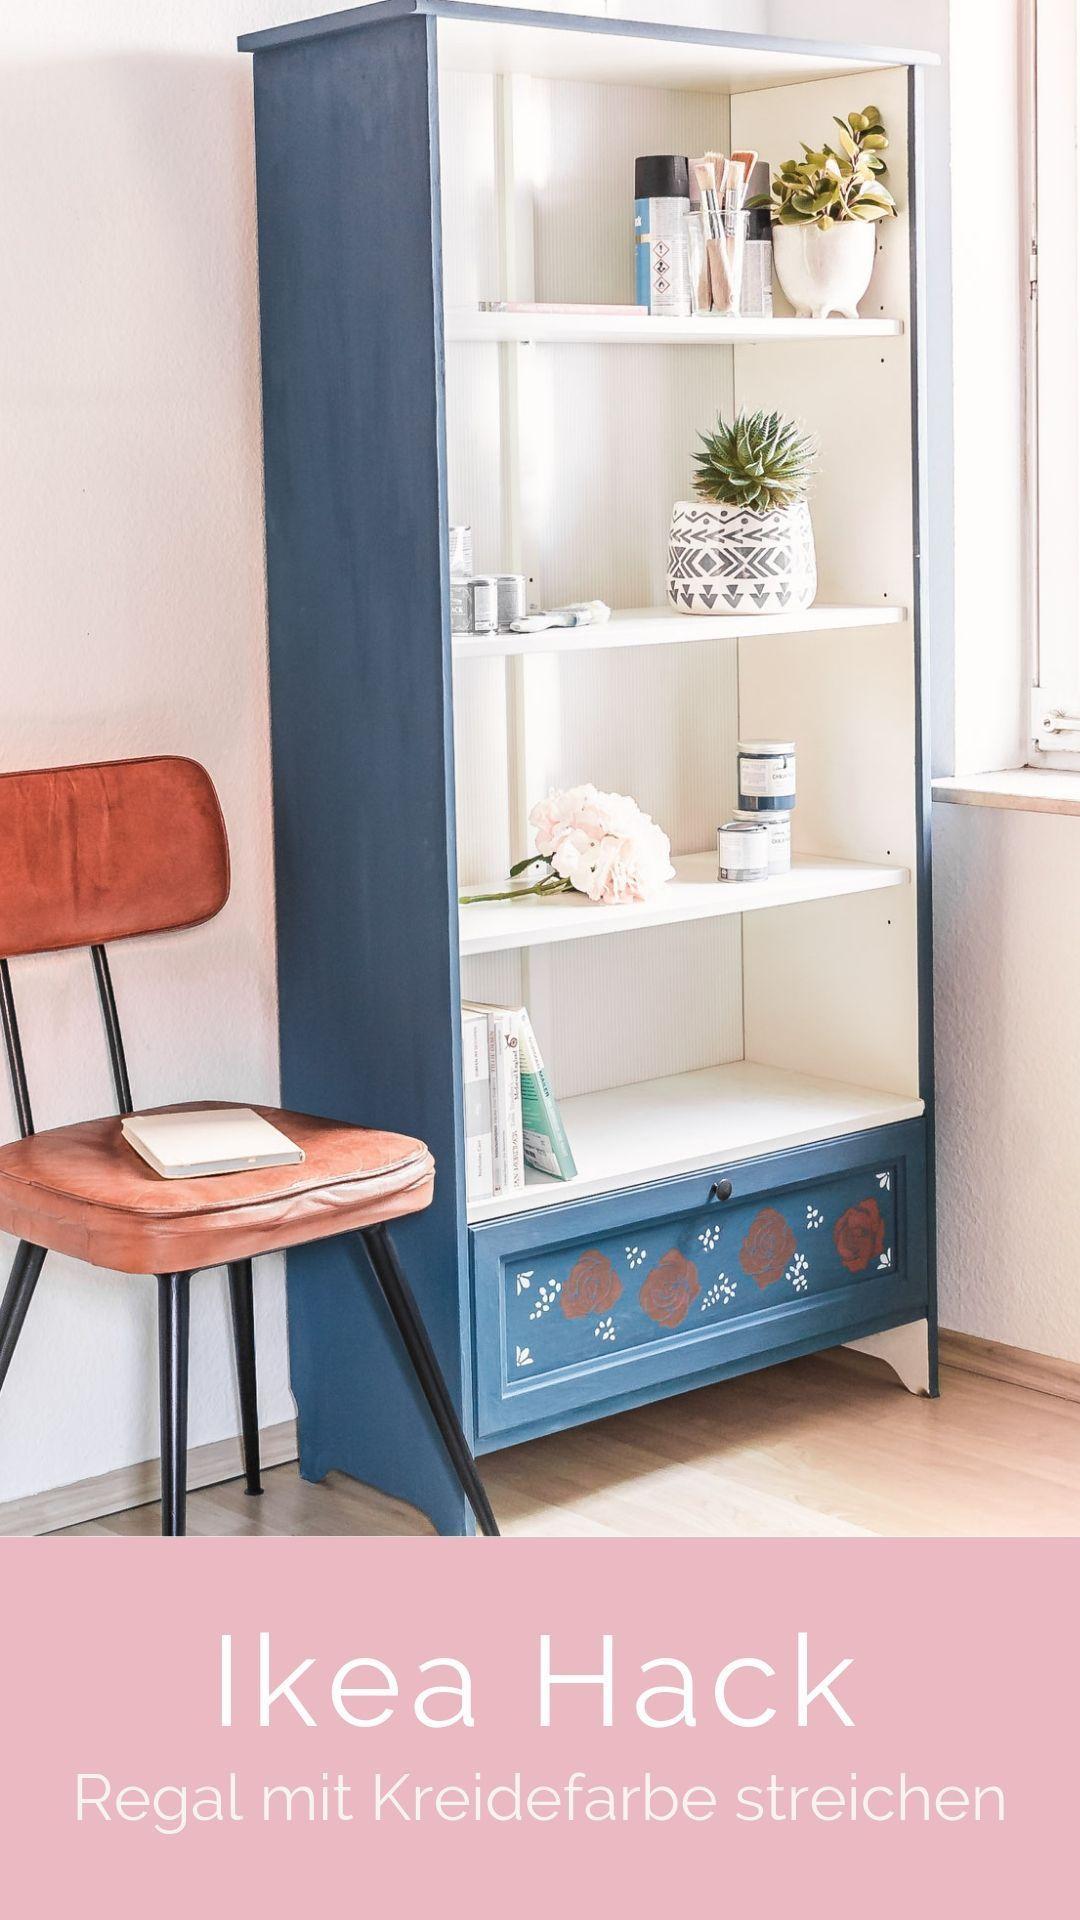 Annie Sloan Farben Im Einsatz Streichen Und Schablonieren Meine Erfahrungen In 2020 Ikea Regal Ikea Diy Regal